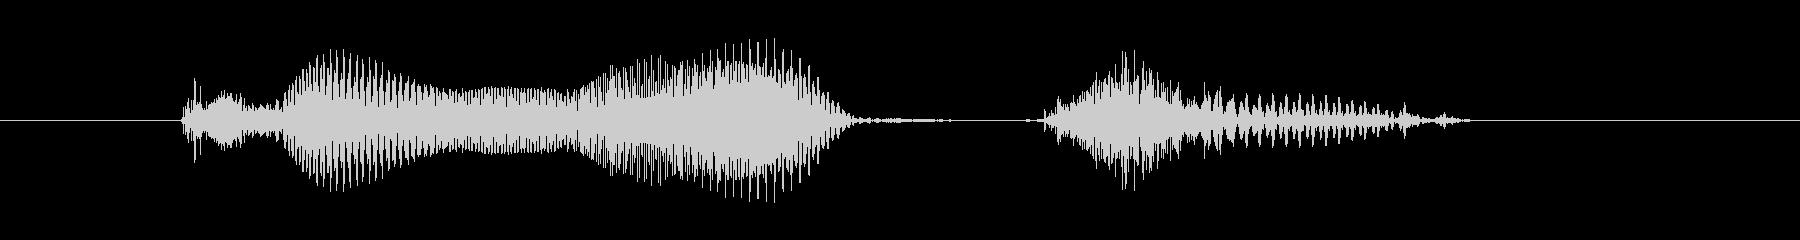 9月(9月)の未再生の波形